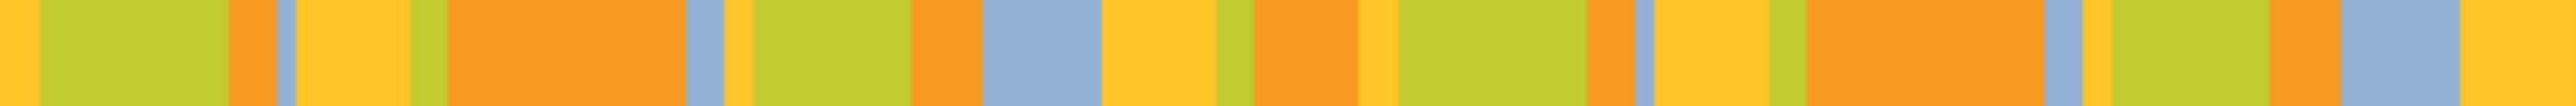 PSR Color Strip-01.png